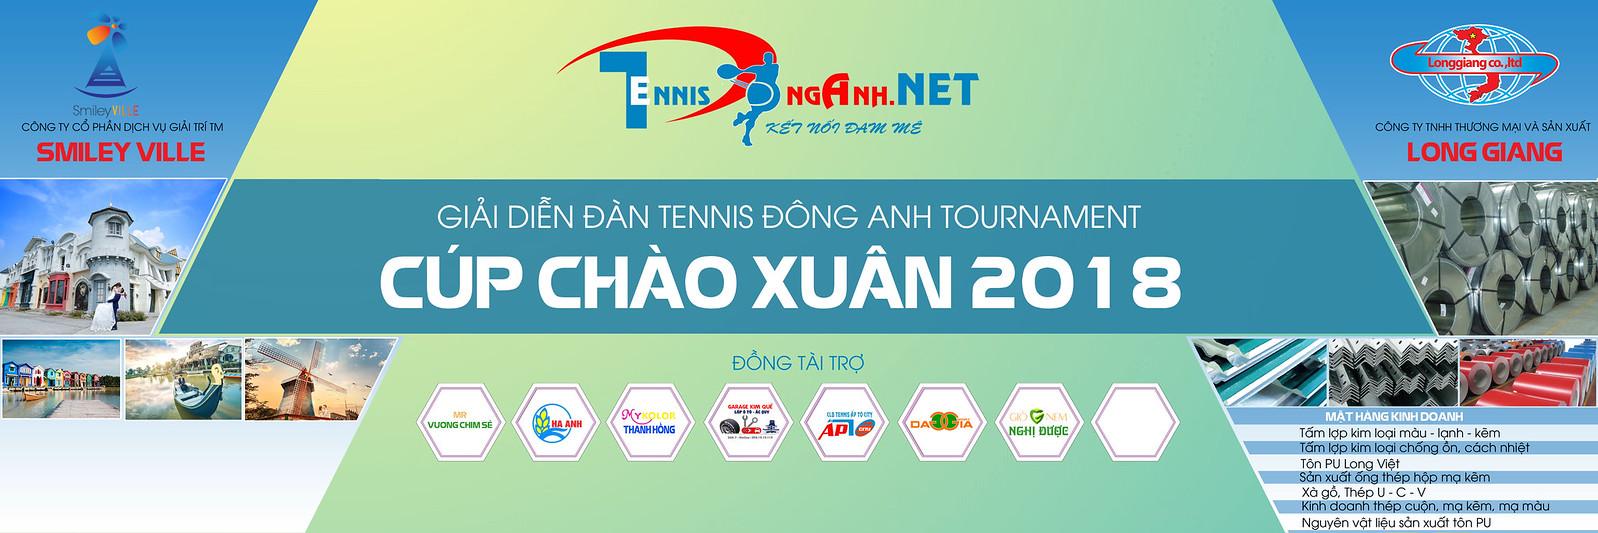 Cộng Đồng Tennis Đông Anh